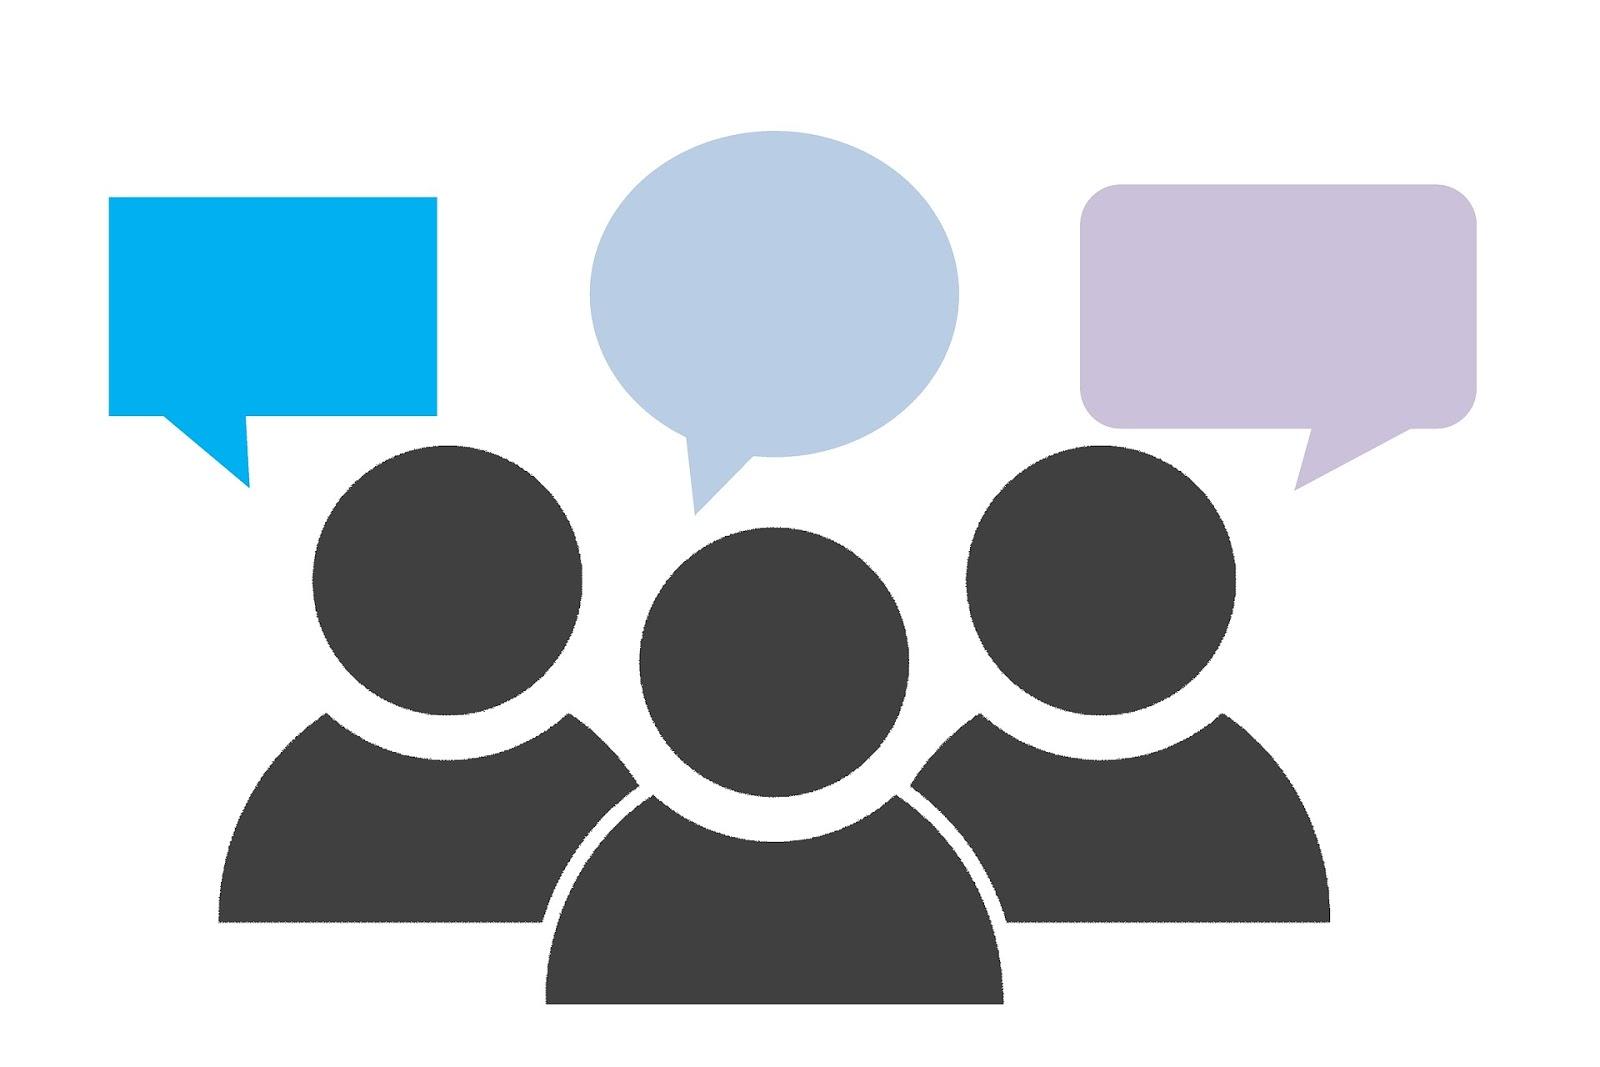 كيف توافق أو تخالف الآراء باللغة الإنجليزية